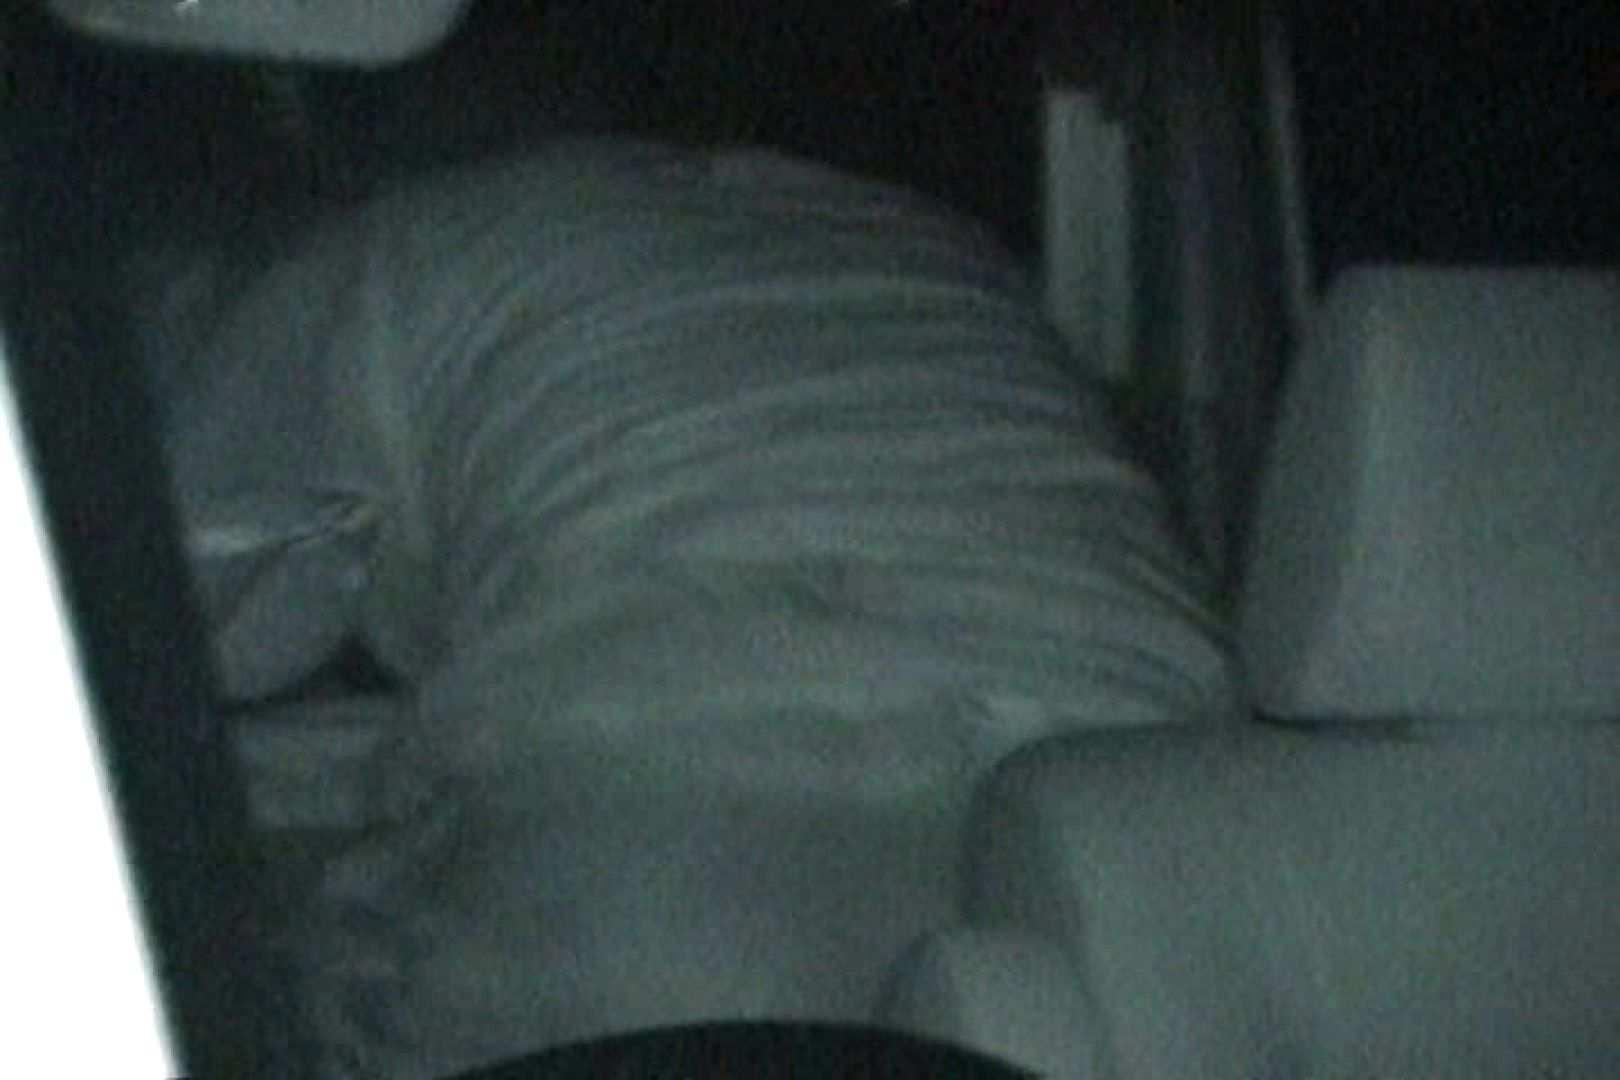 充血監督の深夜の運動会Vol.148 エロティックなOL | 車の中のカップル  88画像 4